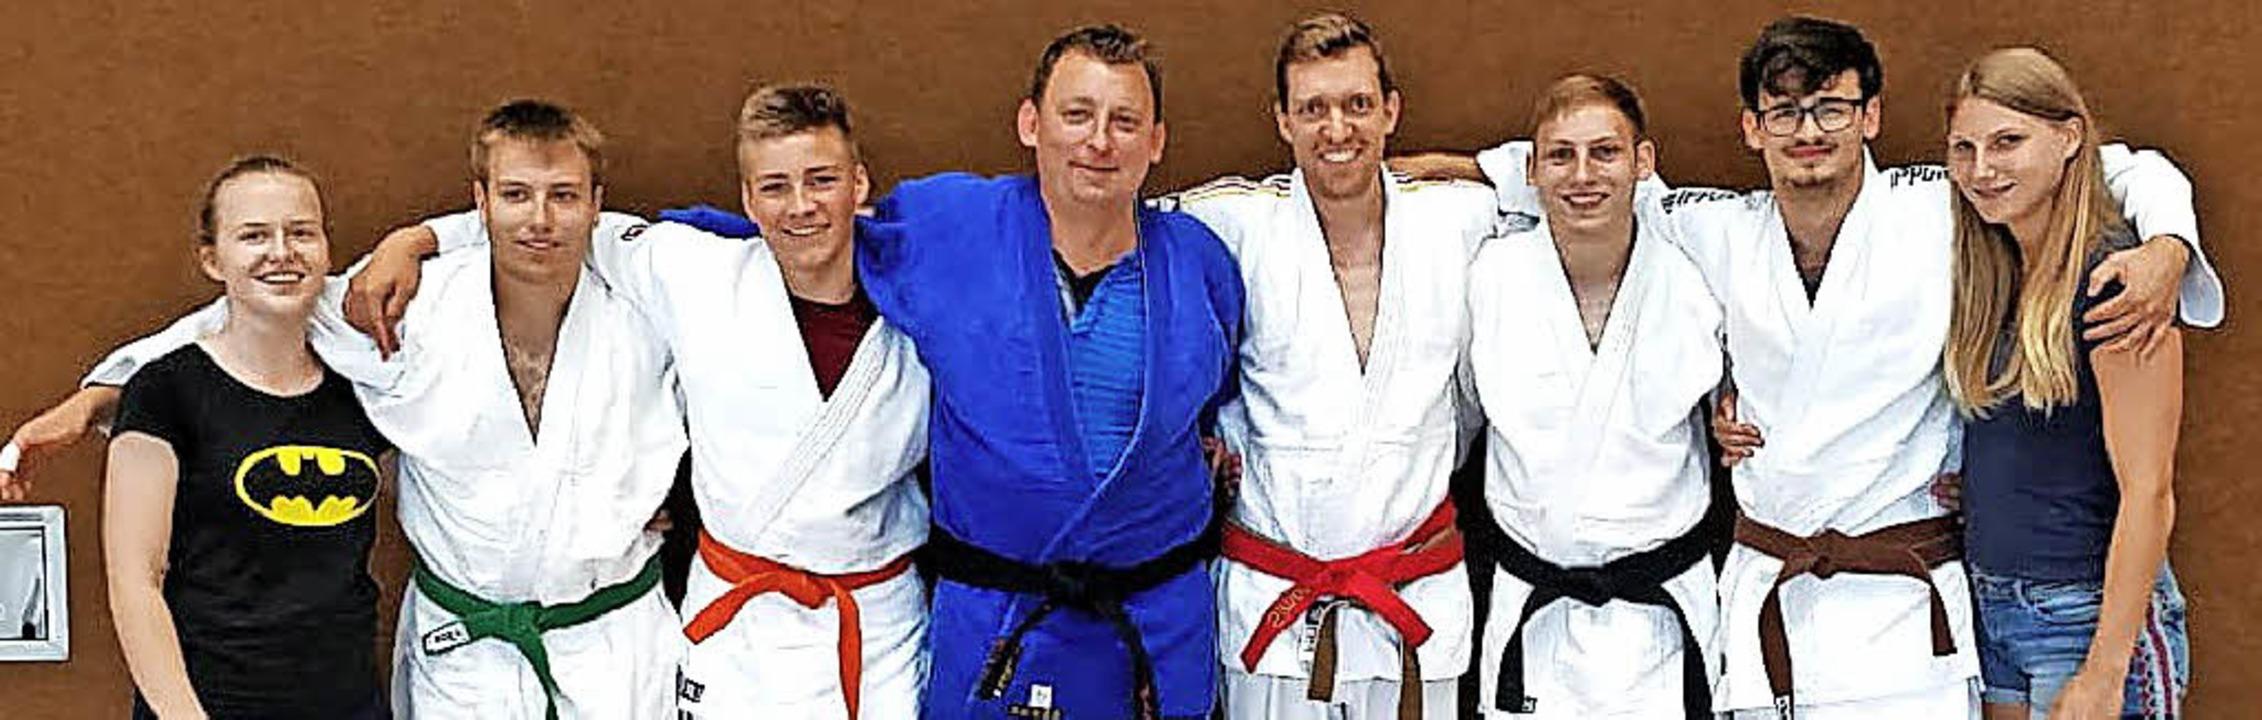 <BZ-FotoAnlauf>Judoclub Bad Krozingen:... Roman Soljankin und Christina Daiger   | Foto: Verein